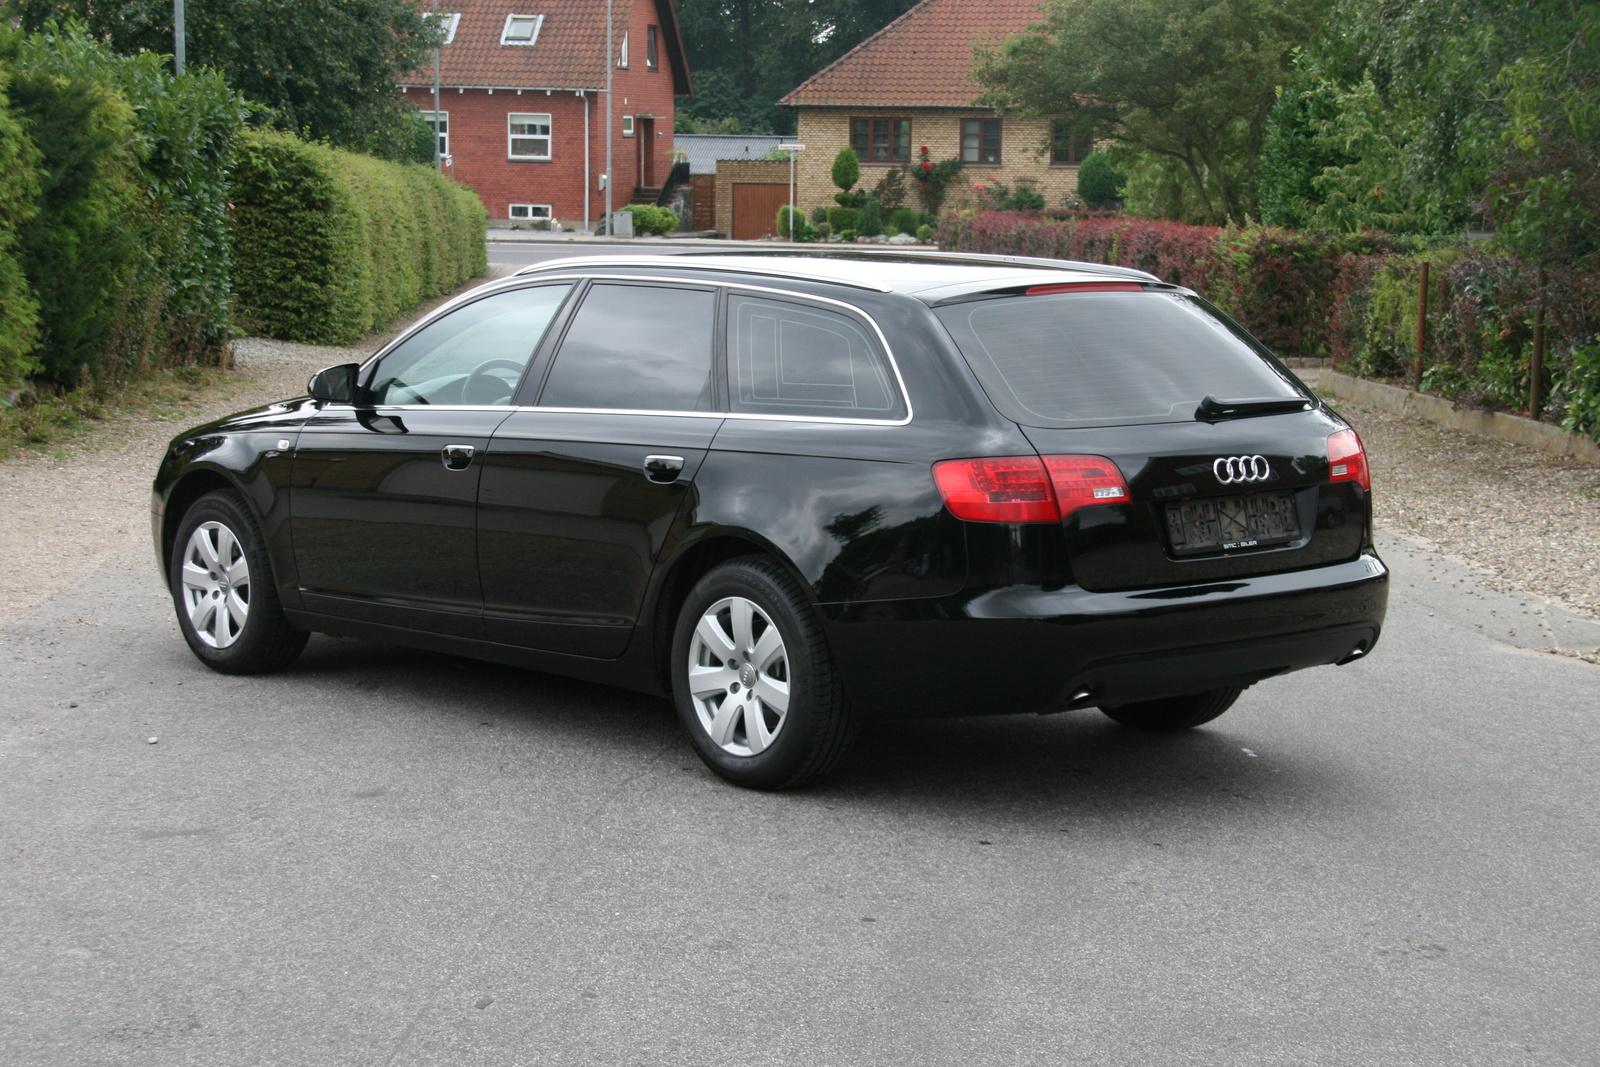 2007 Audi A6 Avant - Exterior Pictures - CarGurus